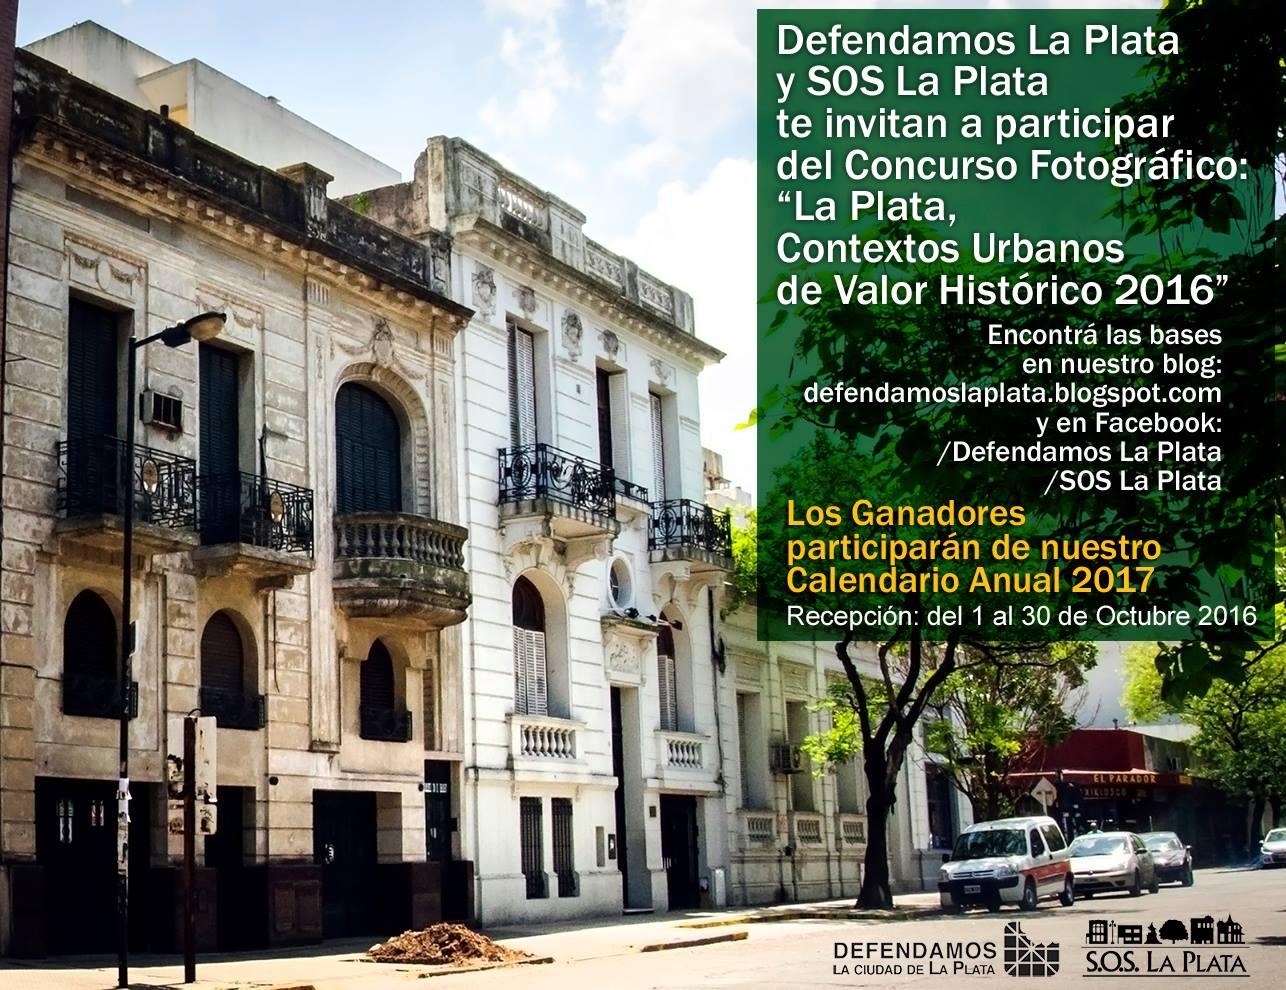 """Concurso Fotográfico:  """"La Plata, Contextos Urbanos de Valor Histórico 2016"""""""